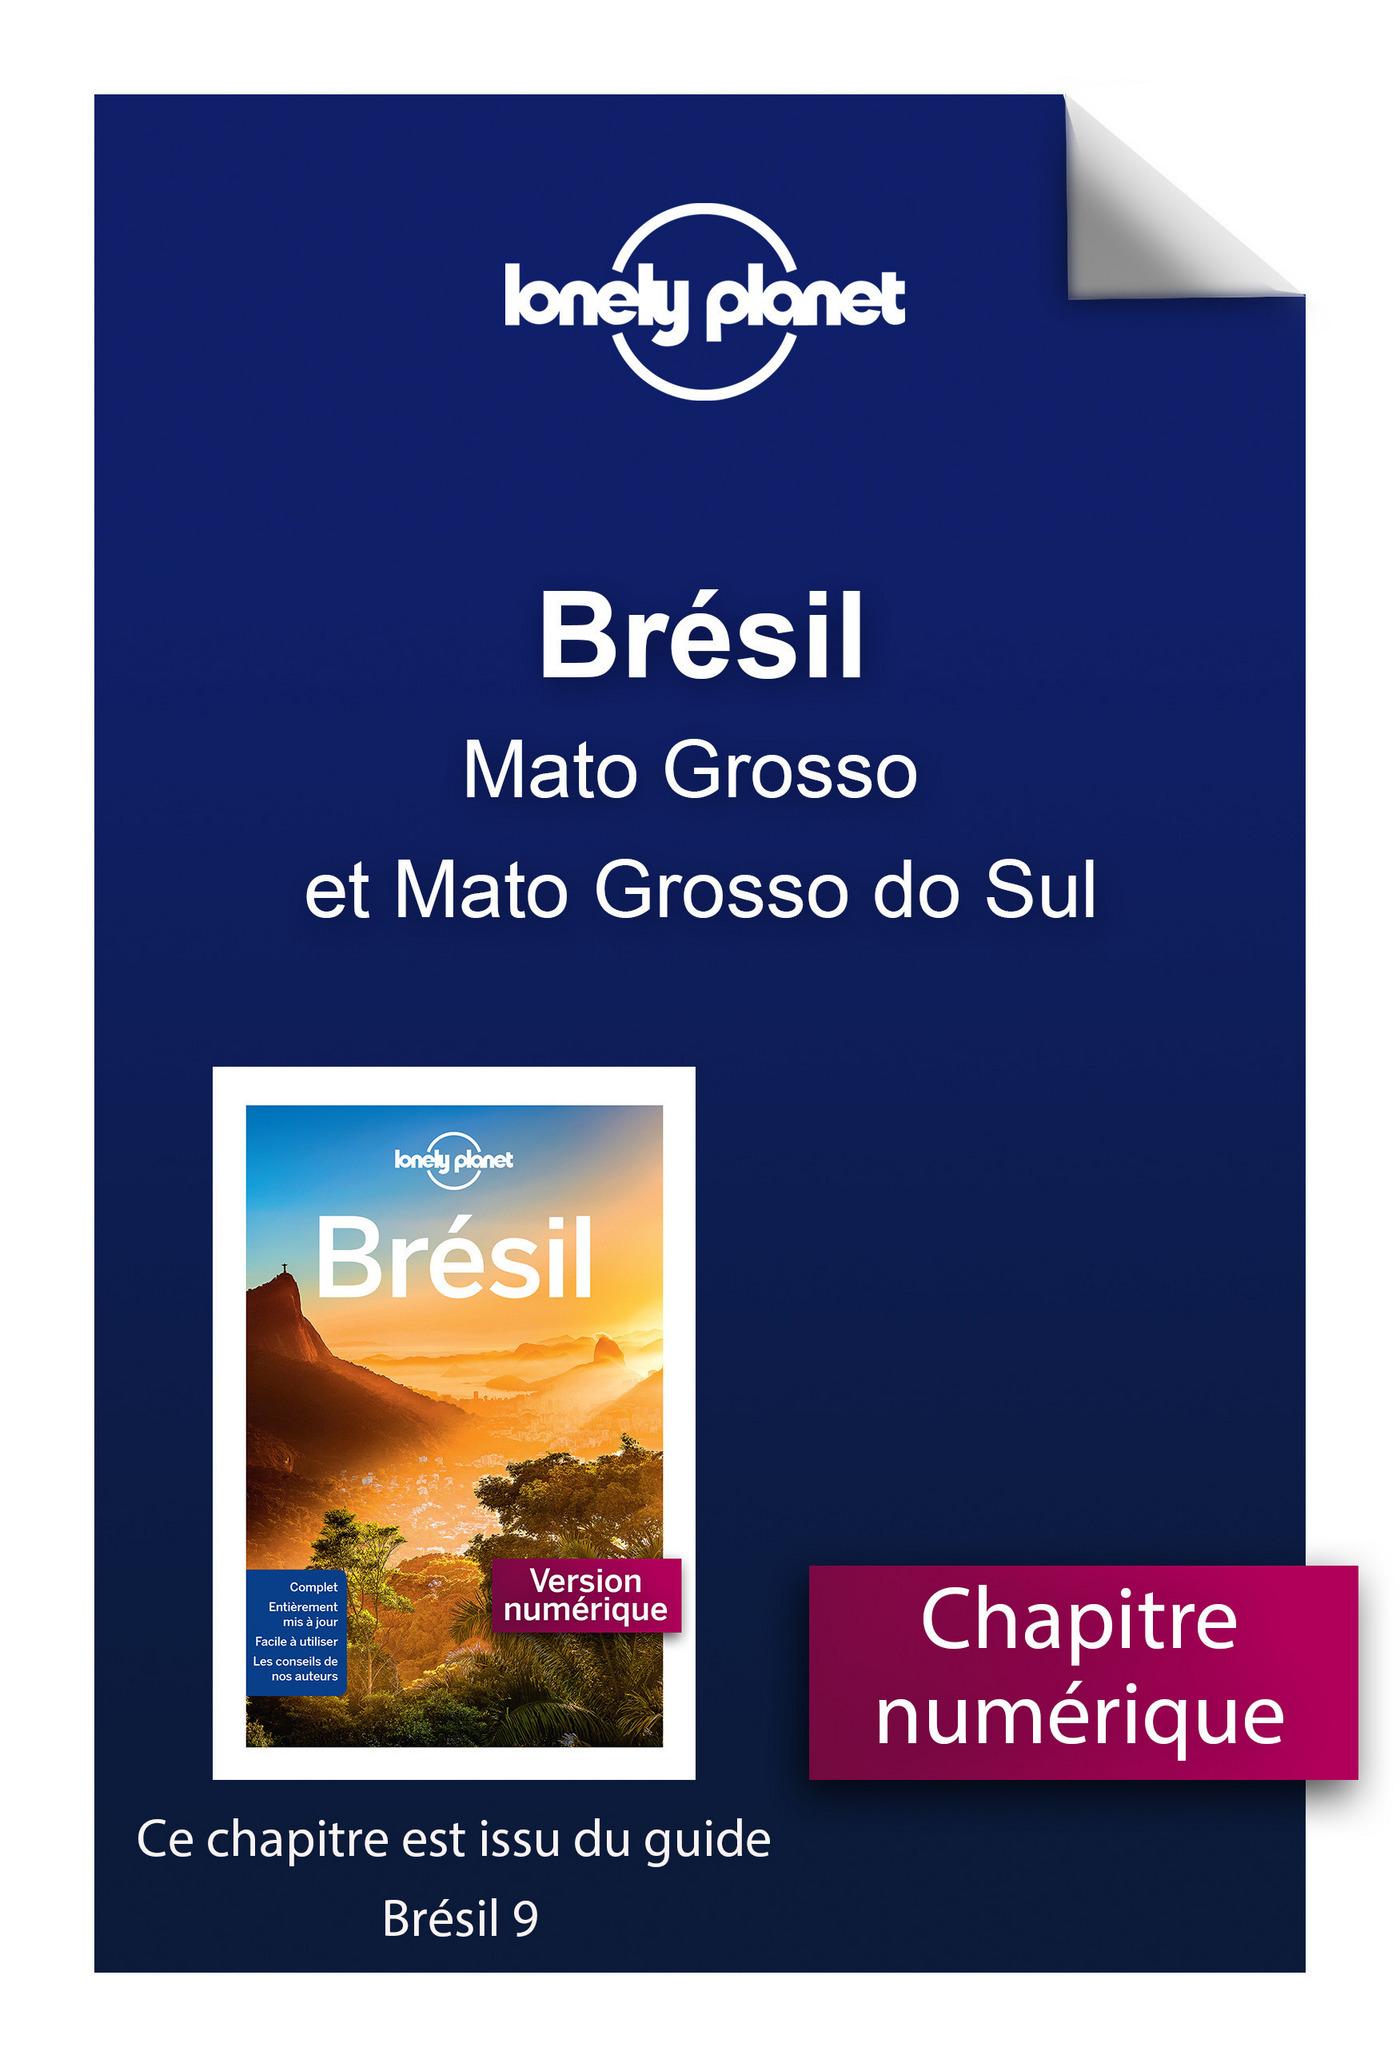 Brésil 9 - Mato Grosso et Mato Grosso do Sul